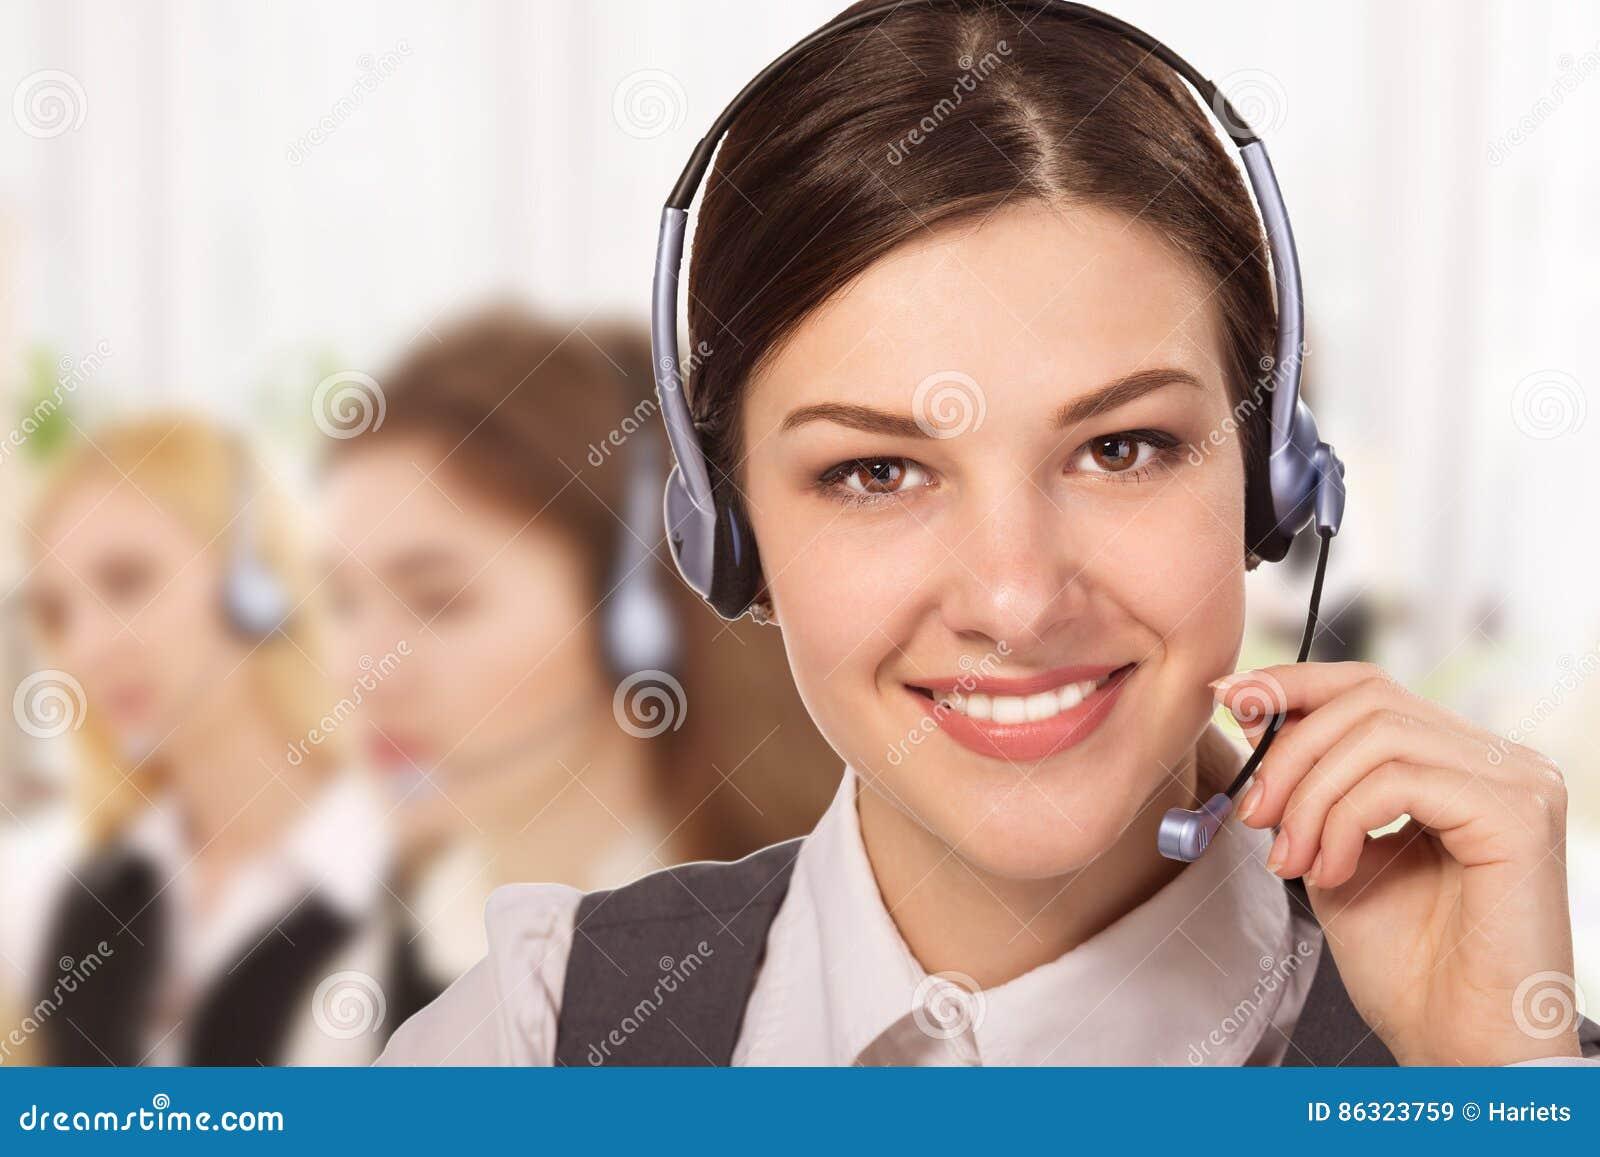 Porträt des glücklichen lächelnden netten Stütztelefonbetreibers im Kopfhörer